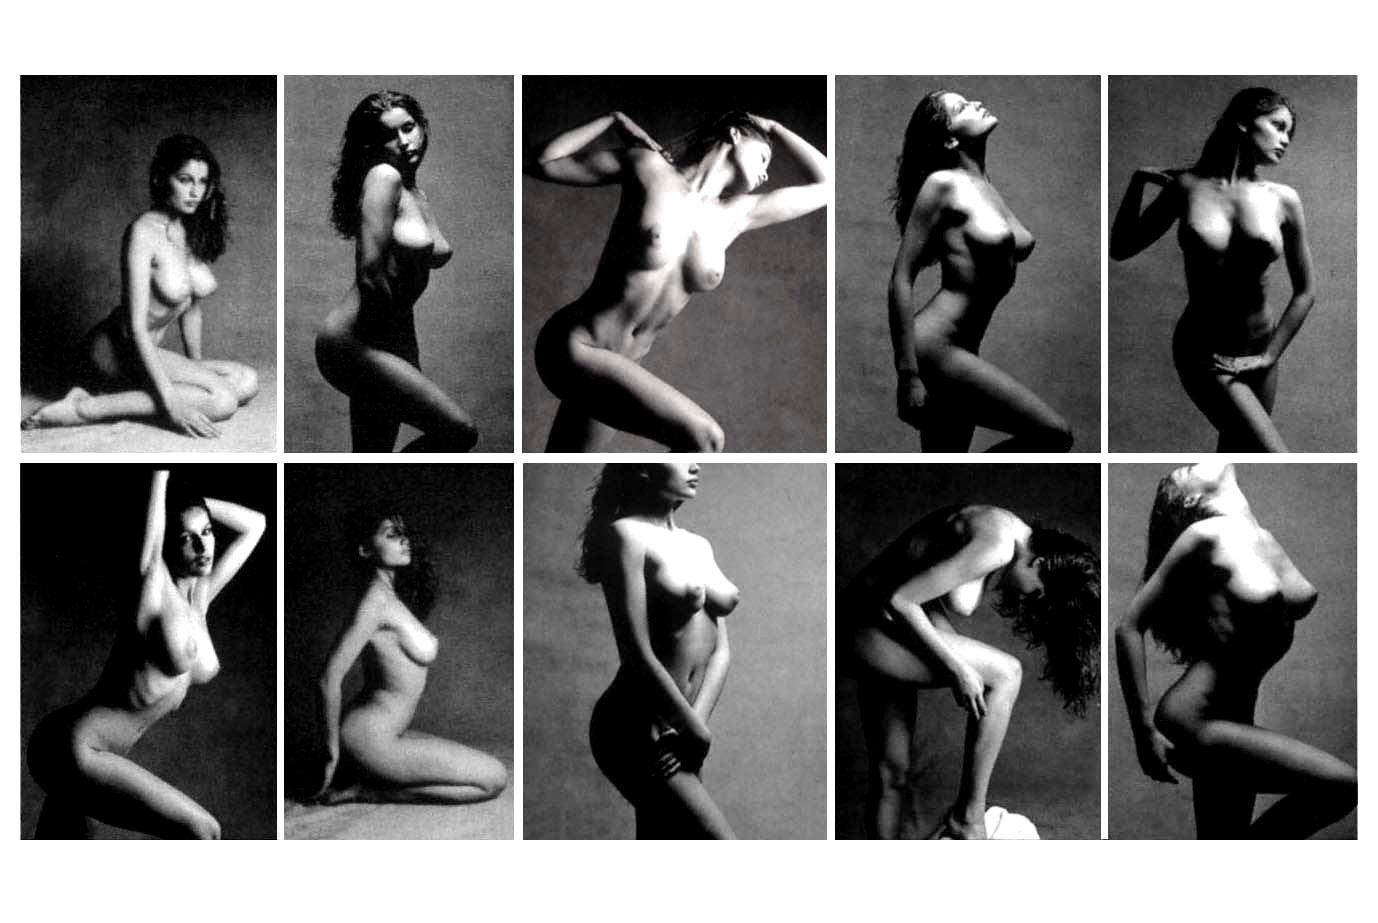 Laetitia Marie Laure Casta nude studies